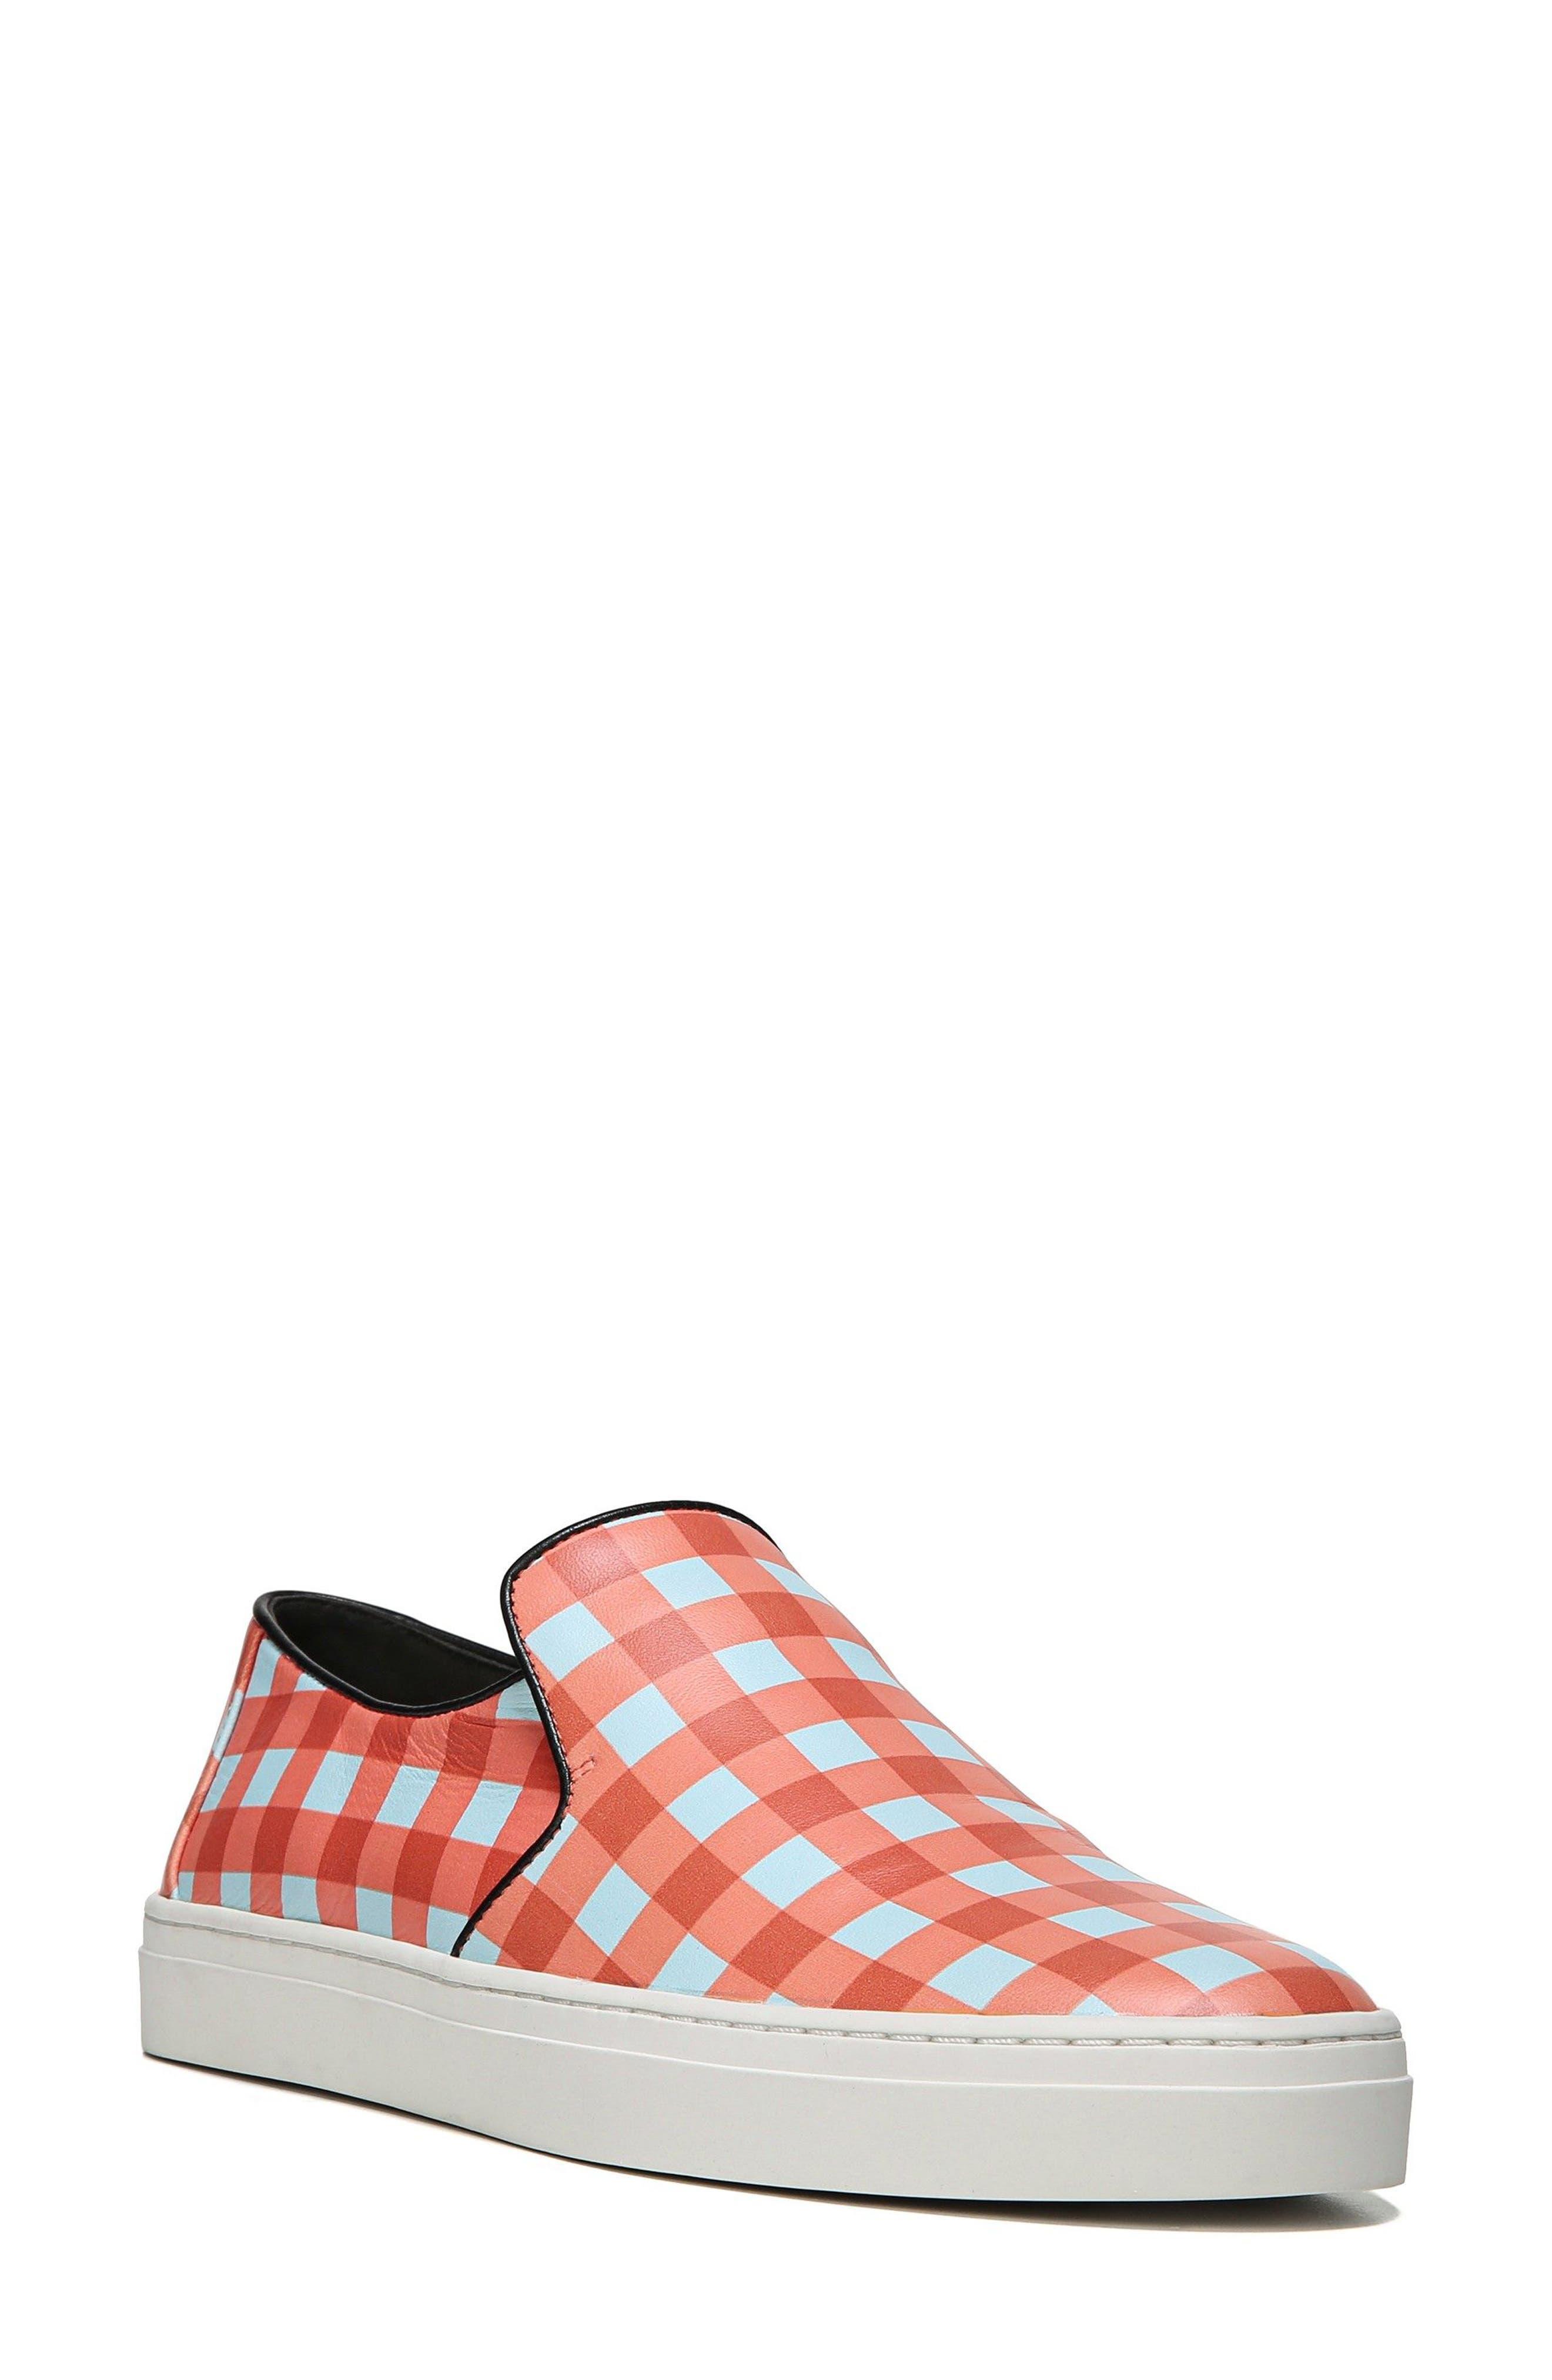 Budapest Slip-On Sneaker,                             Main thumbnail 1, color,                             Bold Red/ Black